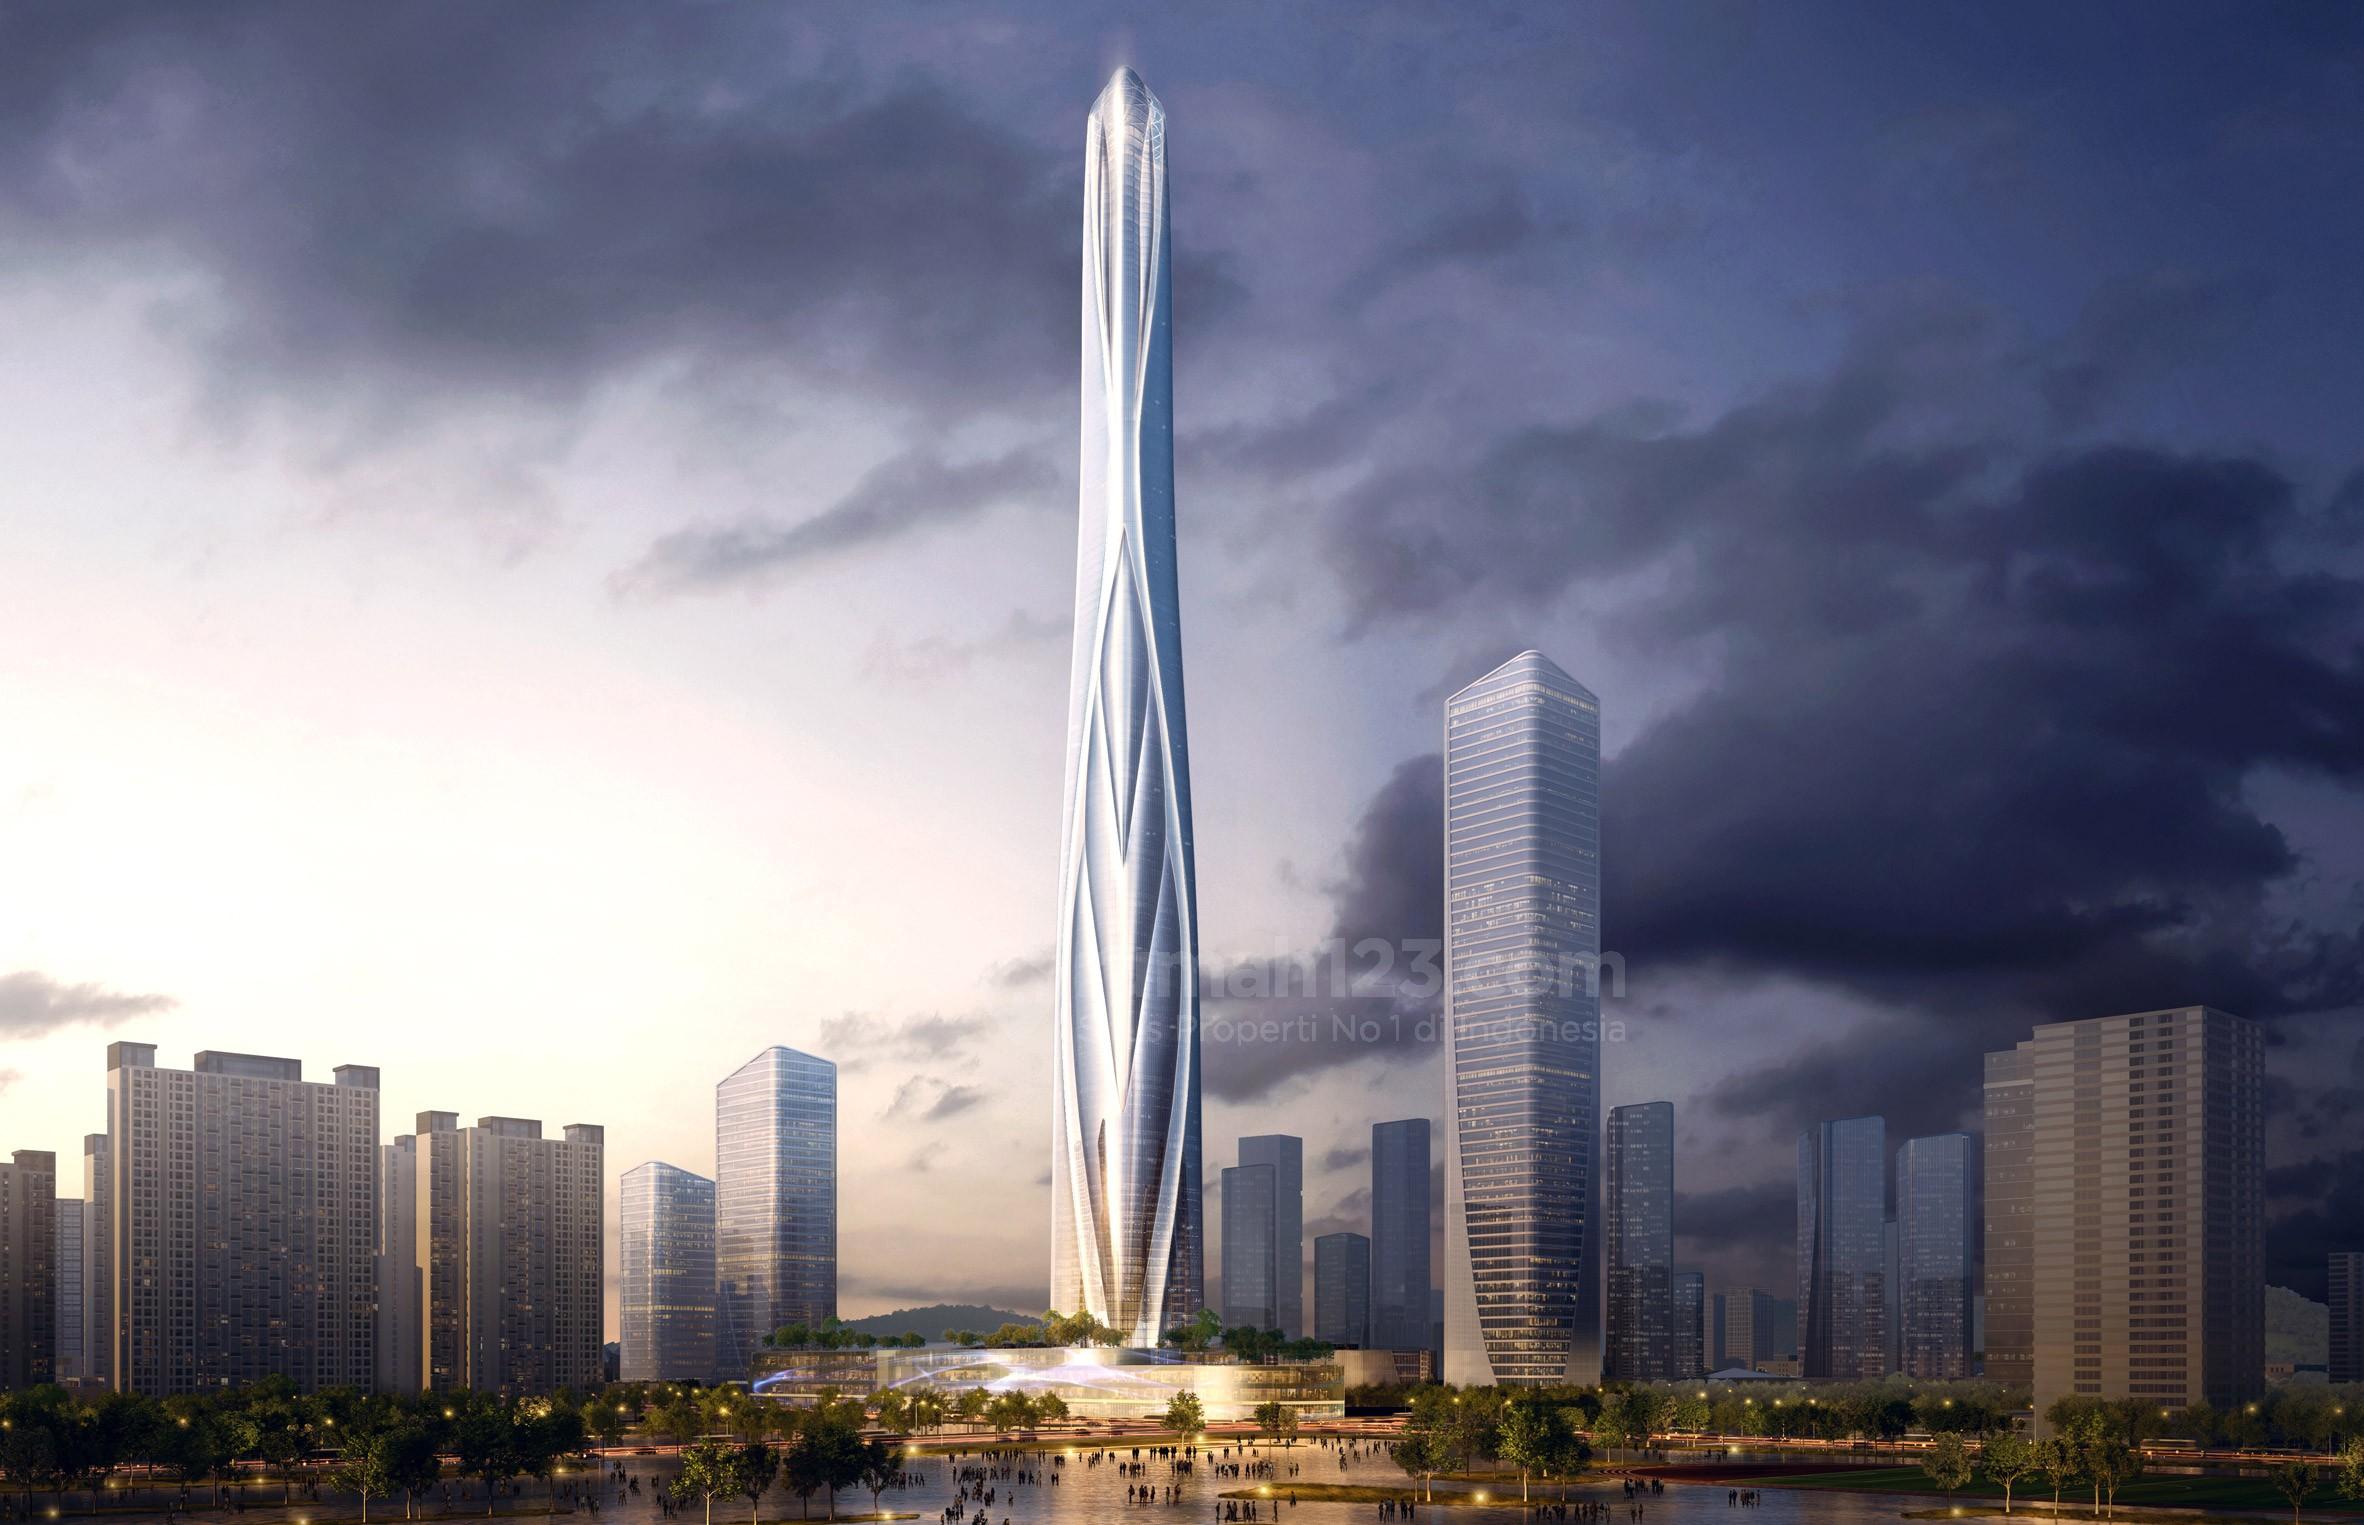 China Bakal Miliki Gedung Tertinggi Ketiga di Dunia, Tingginya 5 Kali Monas